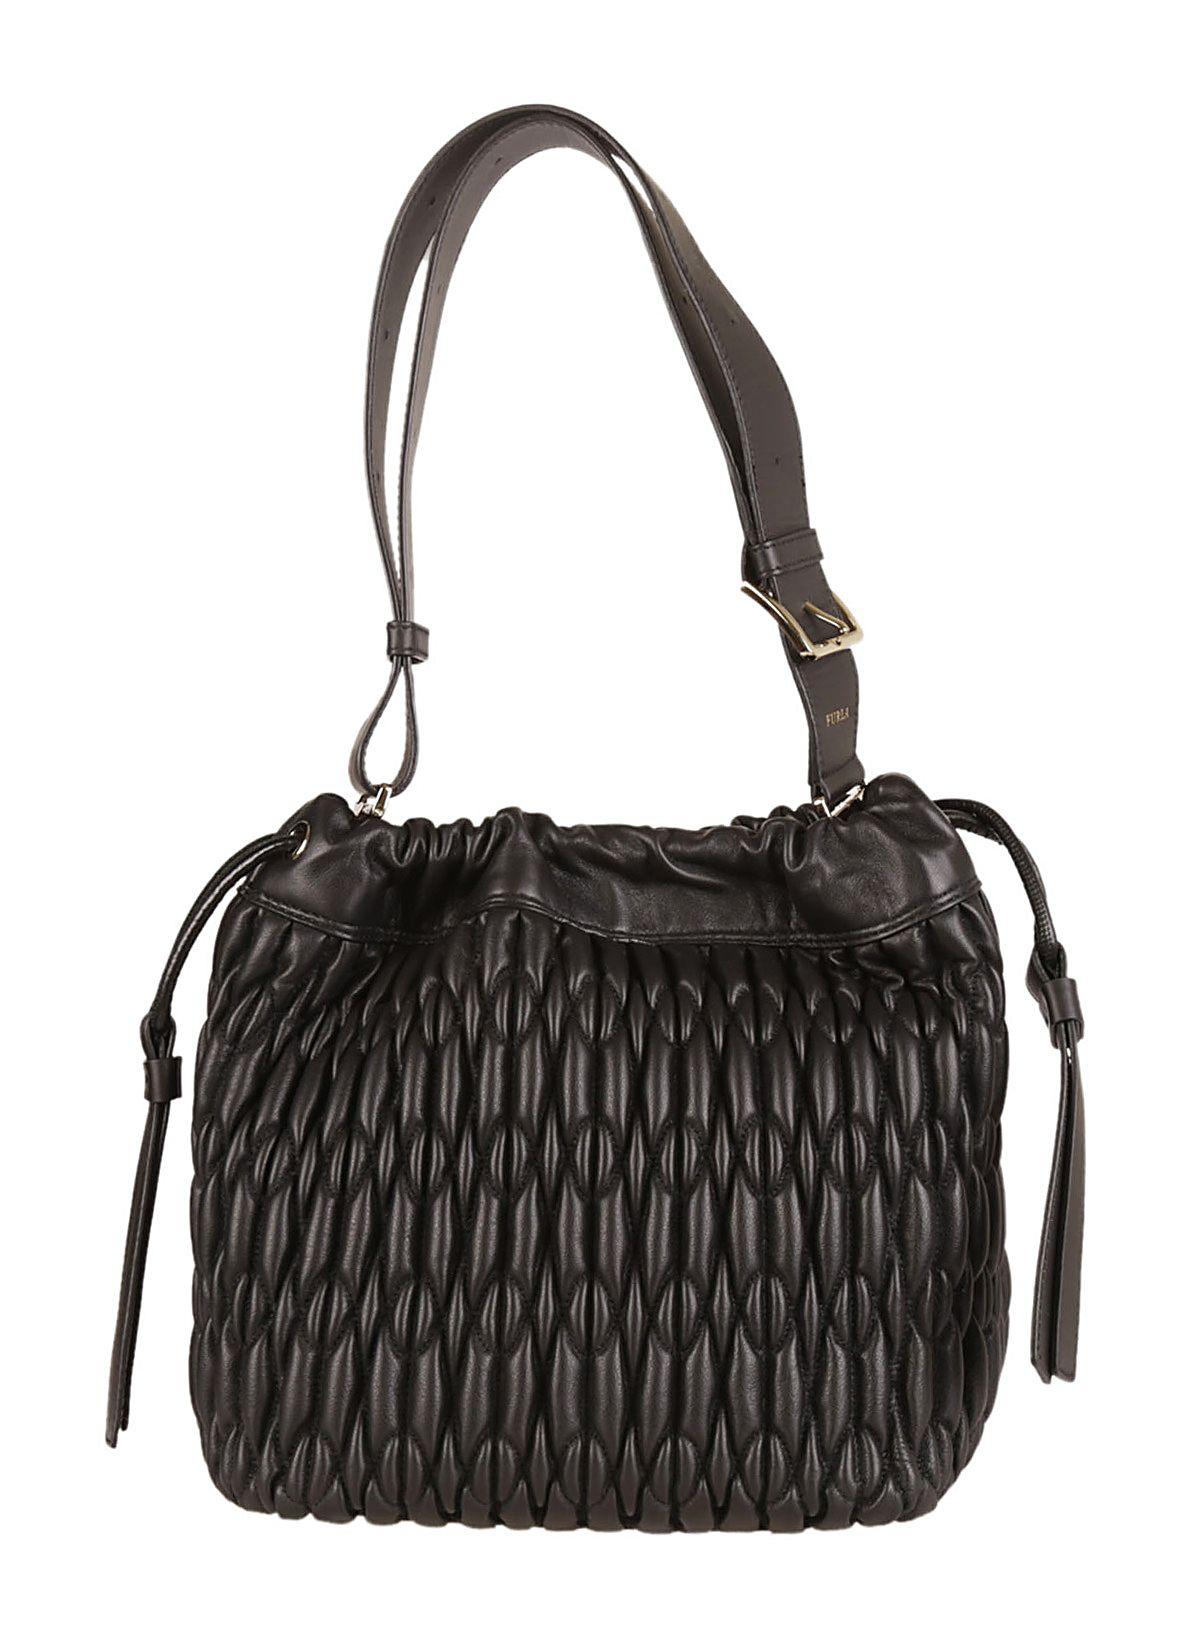 Furla Caos Shoulder Bag